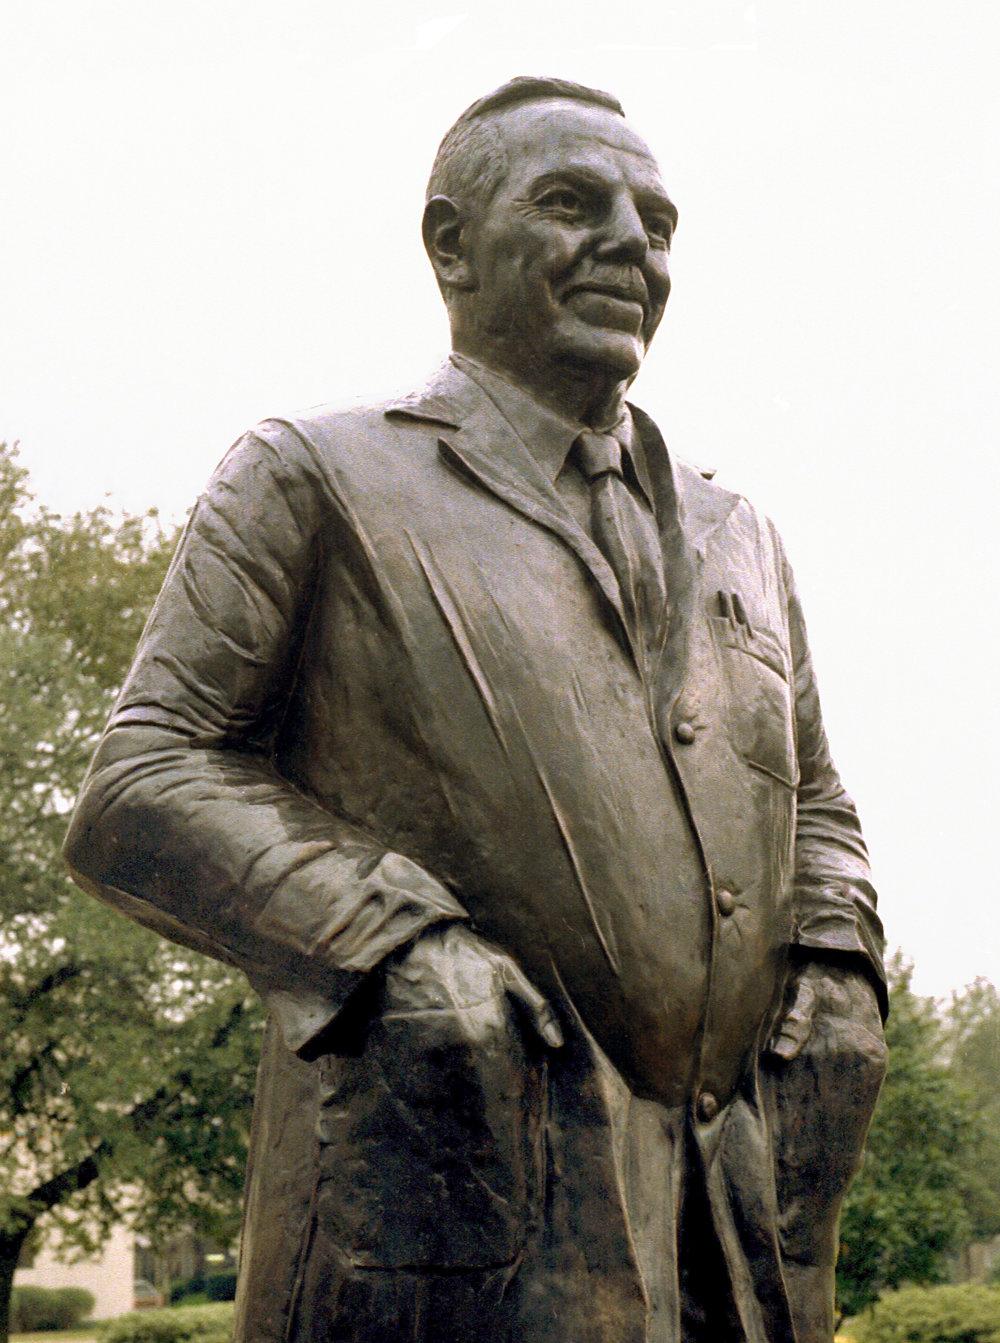 Alton Ochsner Statue